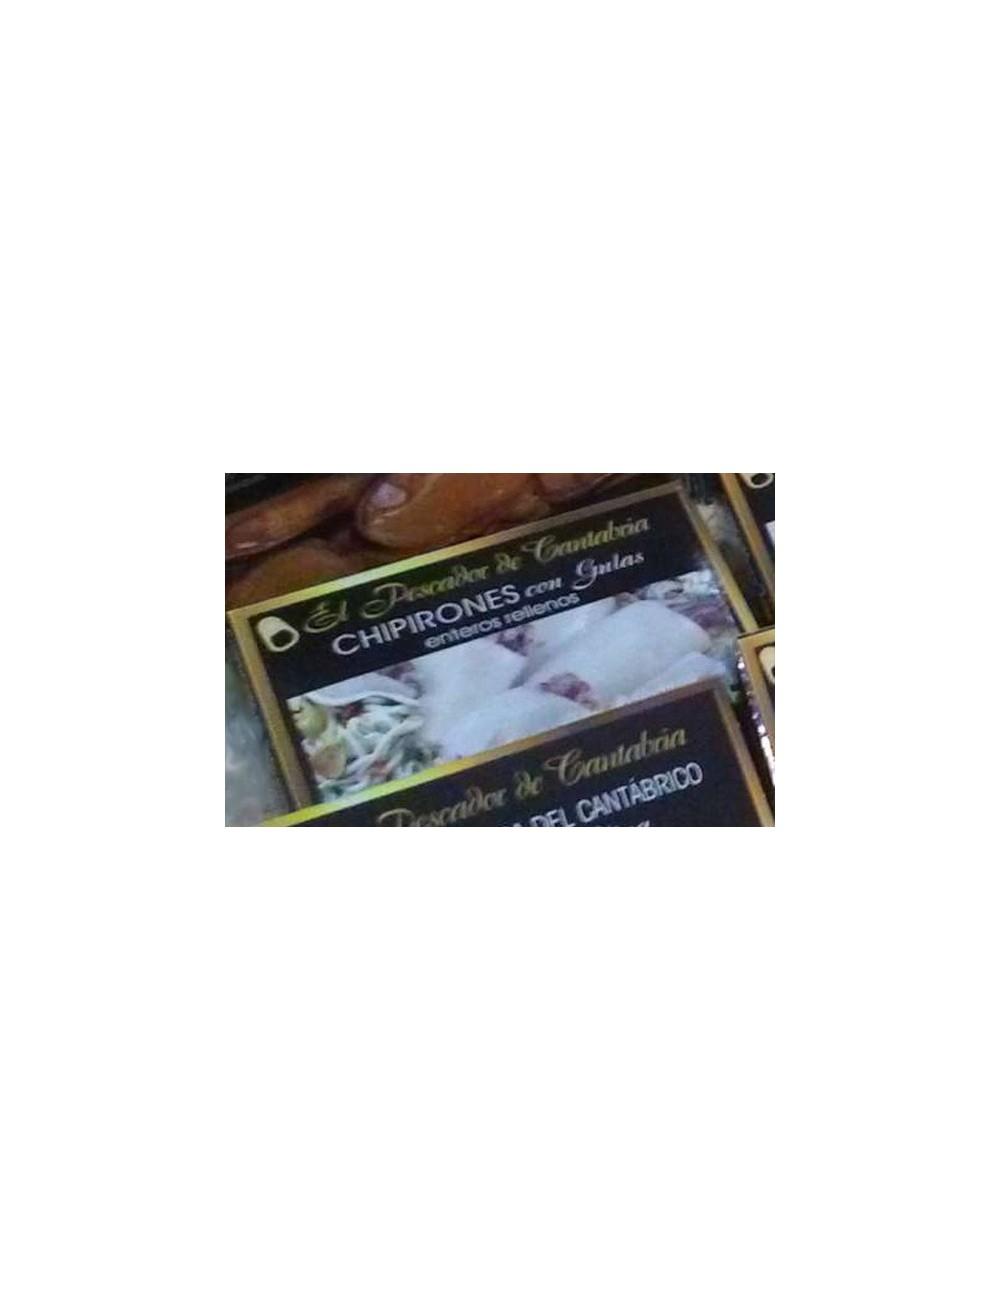 Chipirones Rellenos de Gulas El Pescador de Cantabria